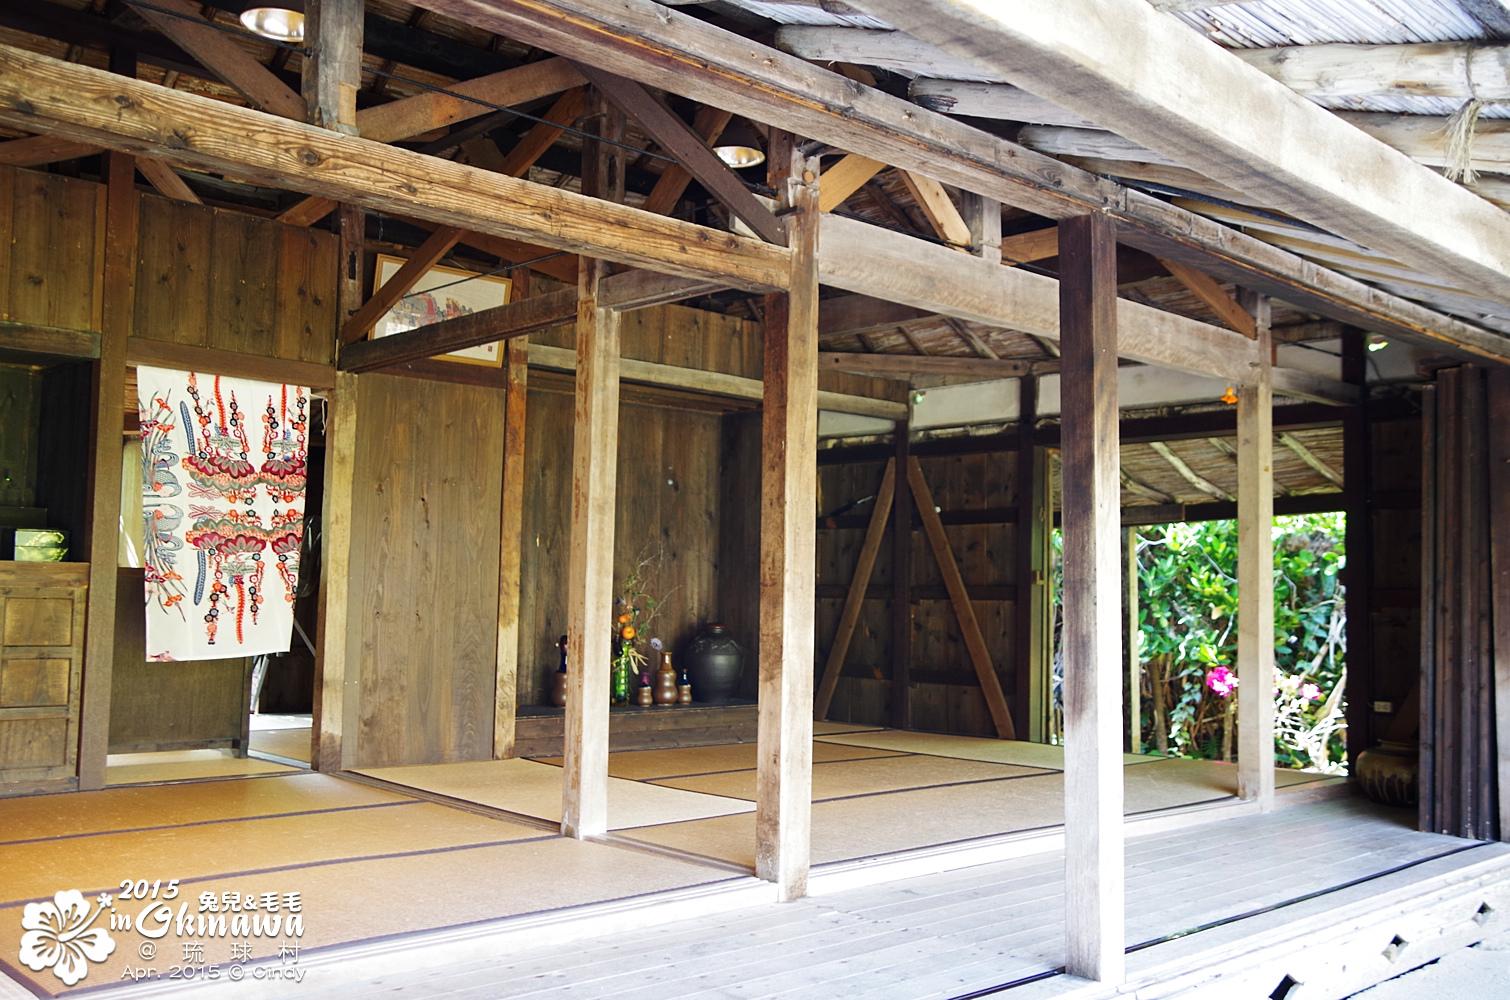 2015-0407-琉球村-14.jpg